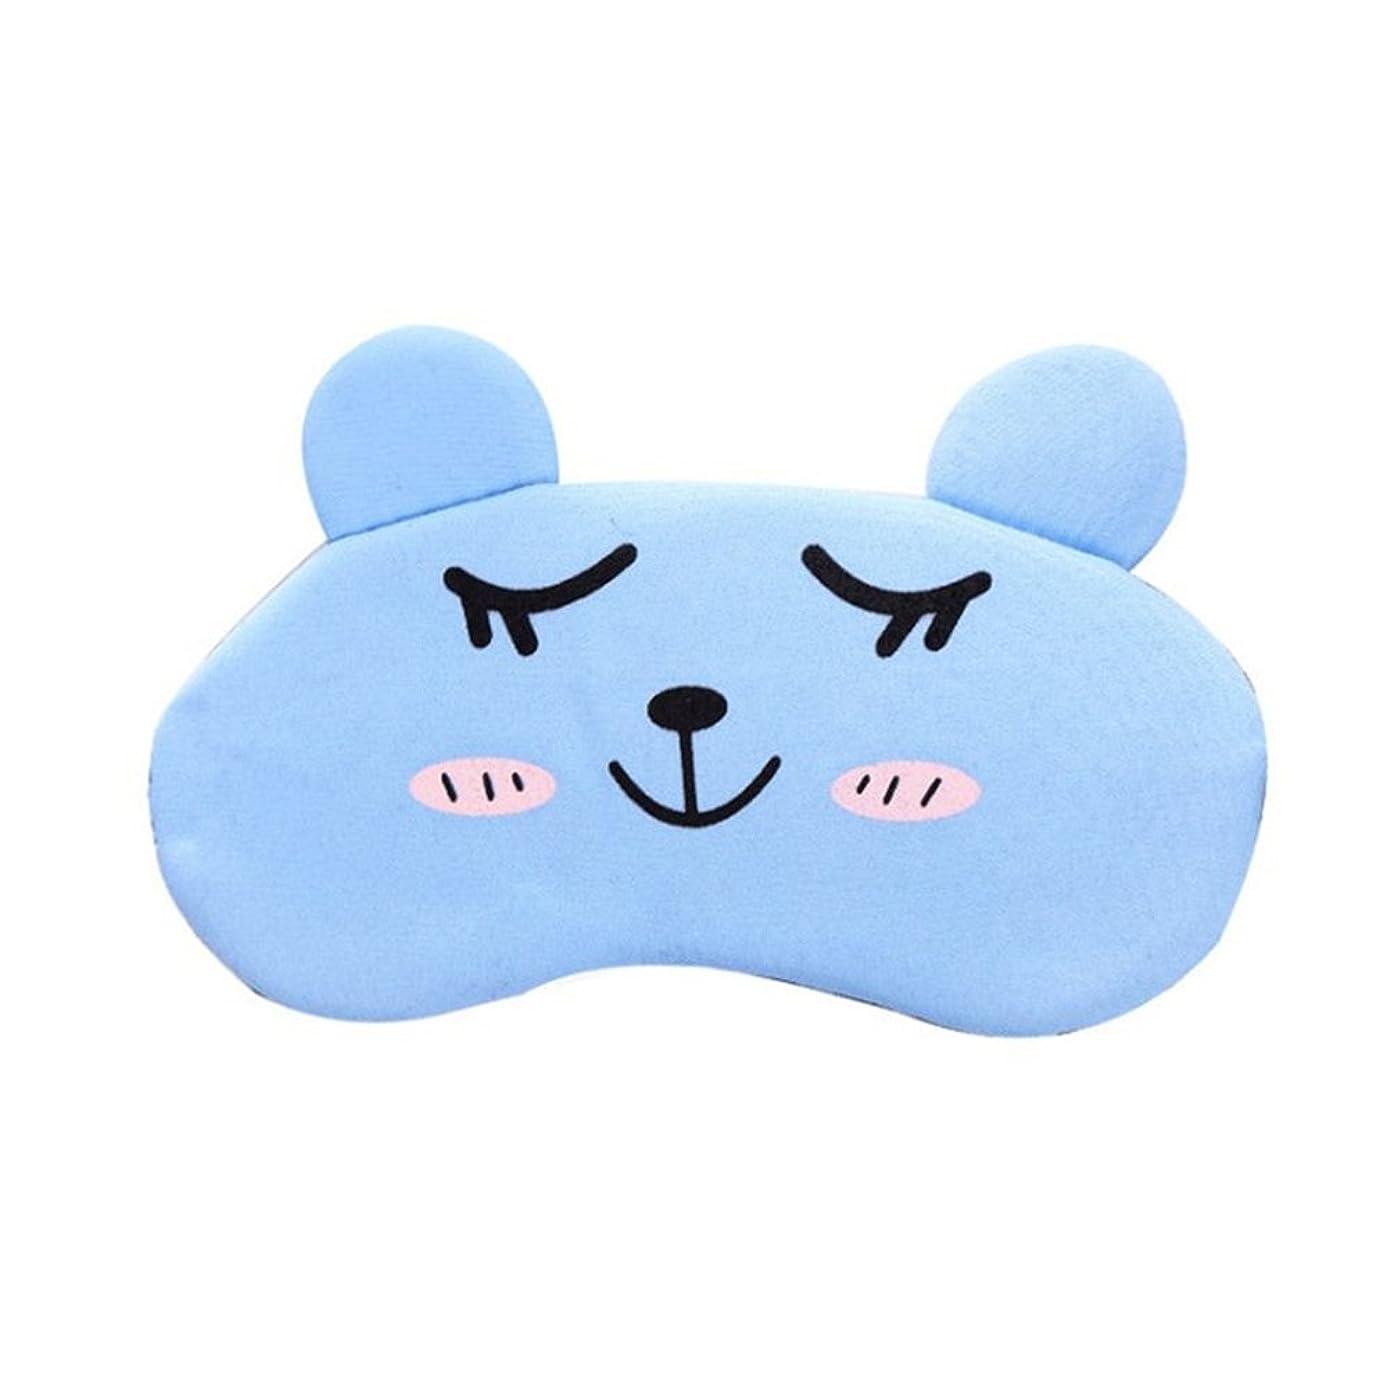 手当評価可能ラインナップROSENICE スリープマスク 睡眠昼寝の瞑想のための冷却アイシェード目隠し(青)